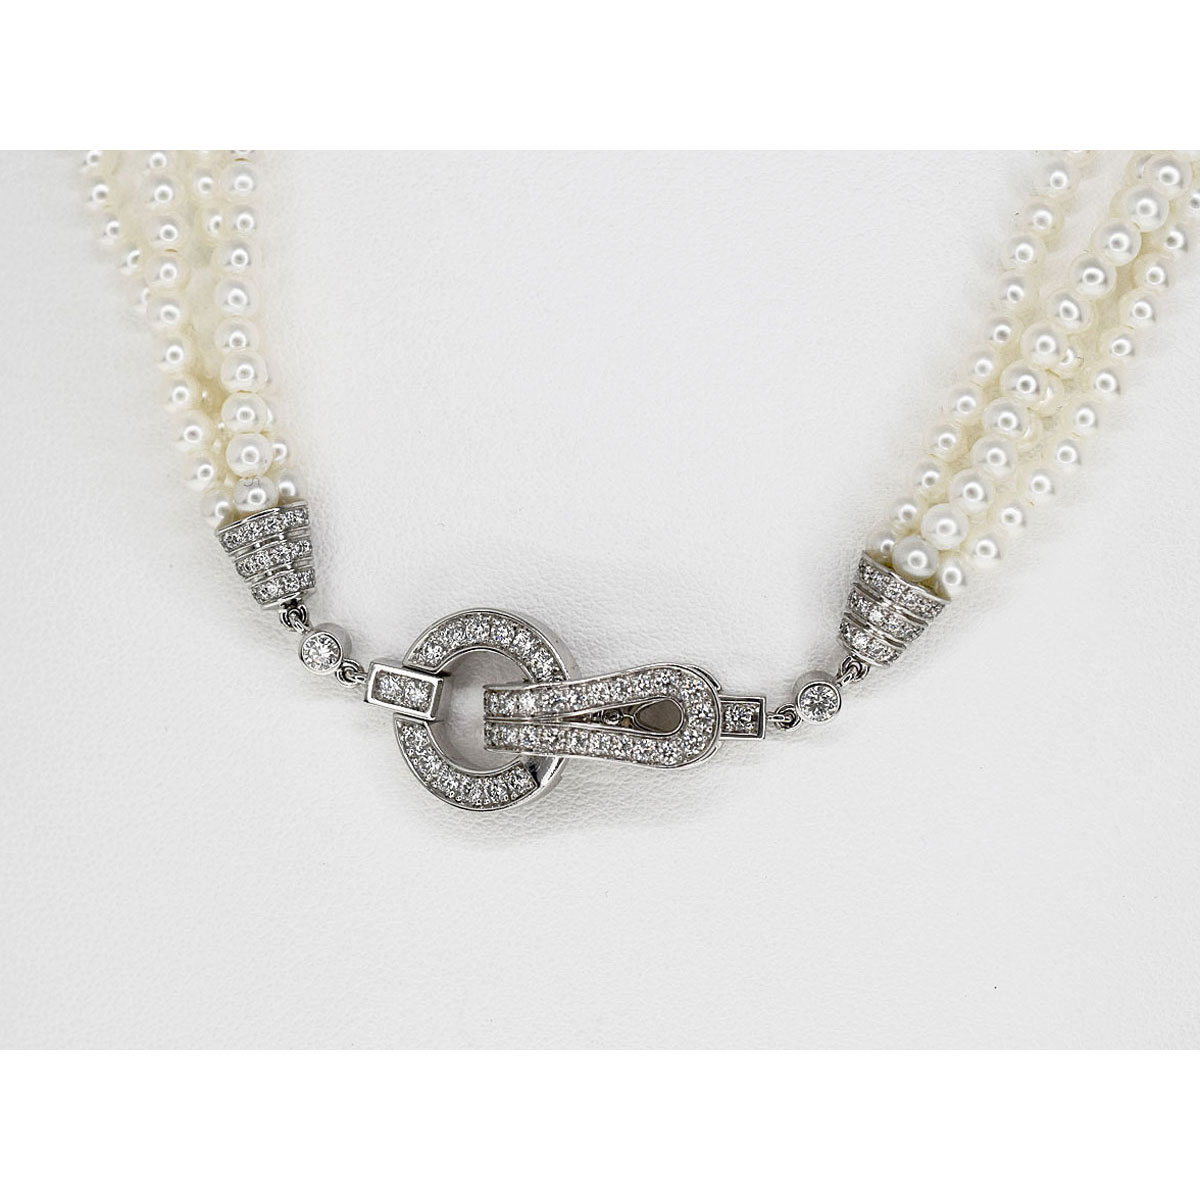 現行品 Cartier カルティエ ダイヤ(D1.02cts)パール アグラフ ネックレス 750 K18 WG ホワイトゴールド N7219600【送料無料】【代引き手数料無料】真珠 レディース【中古】31911207